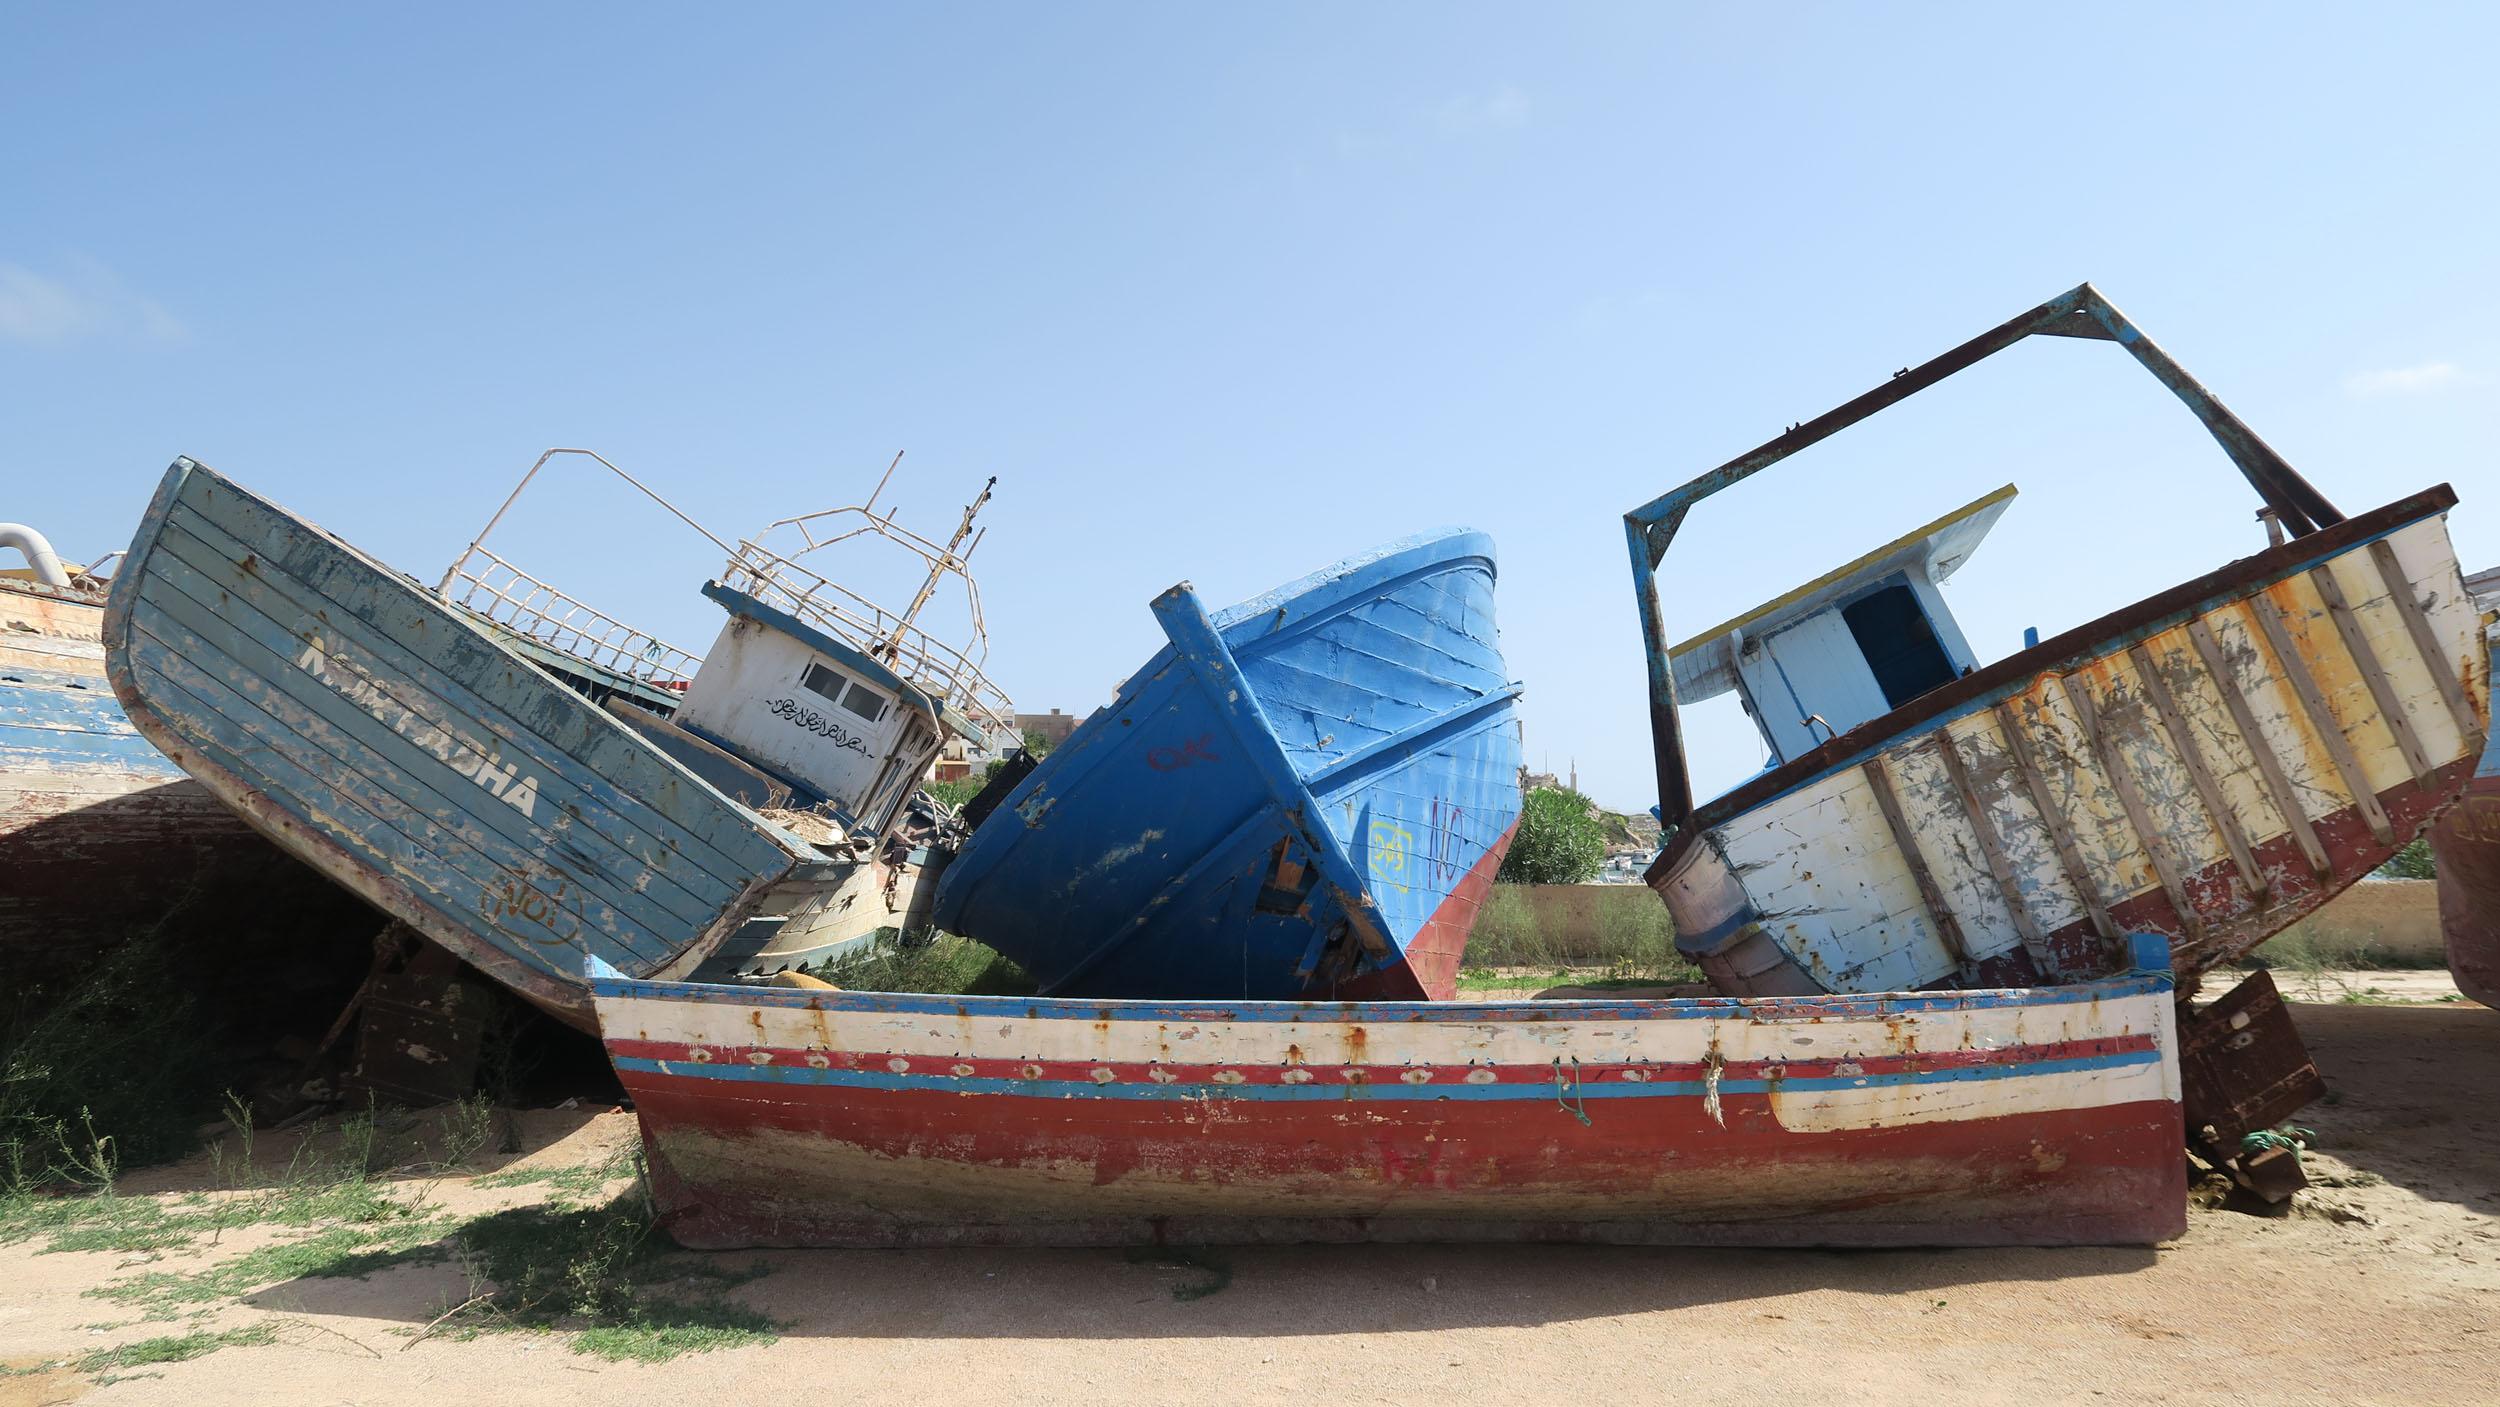 GGD_Lampedusa_IMG_2984.jpg